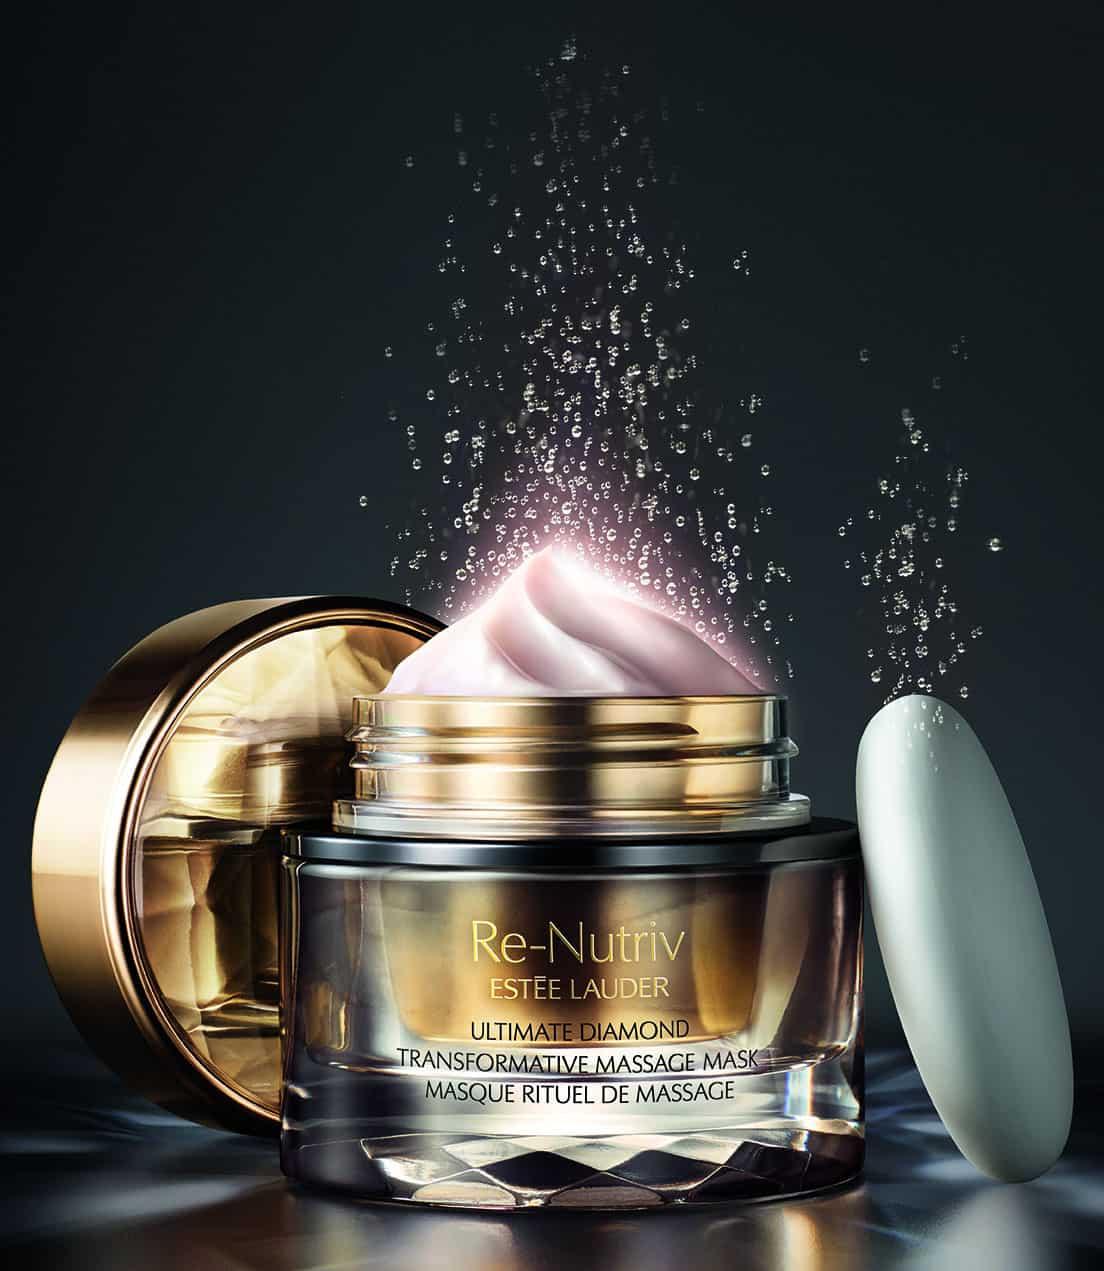 Estée Lauder Re-Nutriv Ultimate Diamond Transformative Thermal Ritual , per energizzare la pelle con un massaggio ...da Spa!